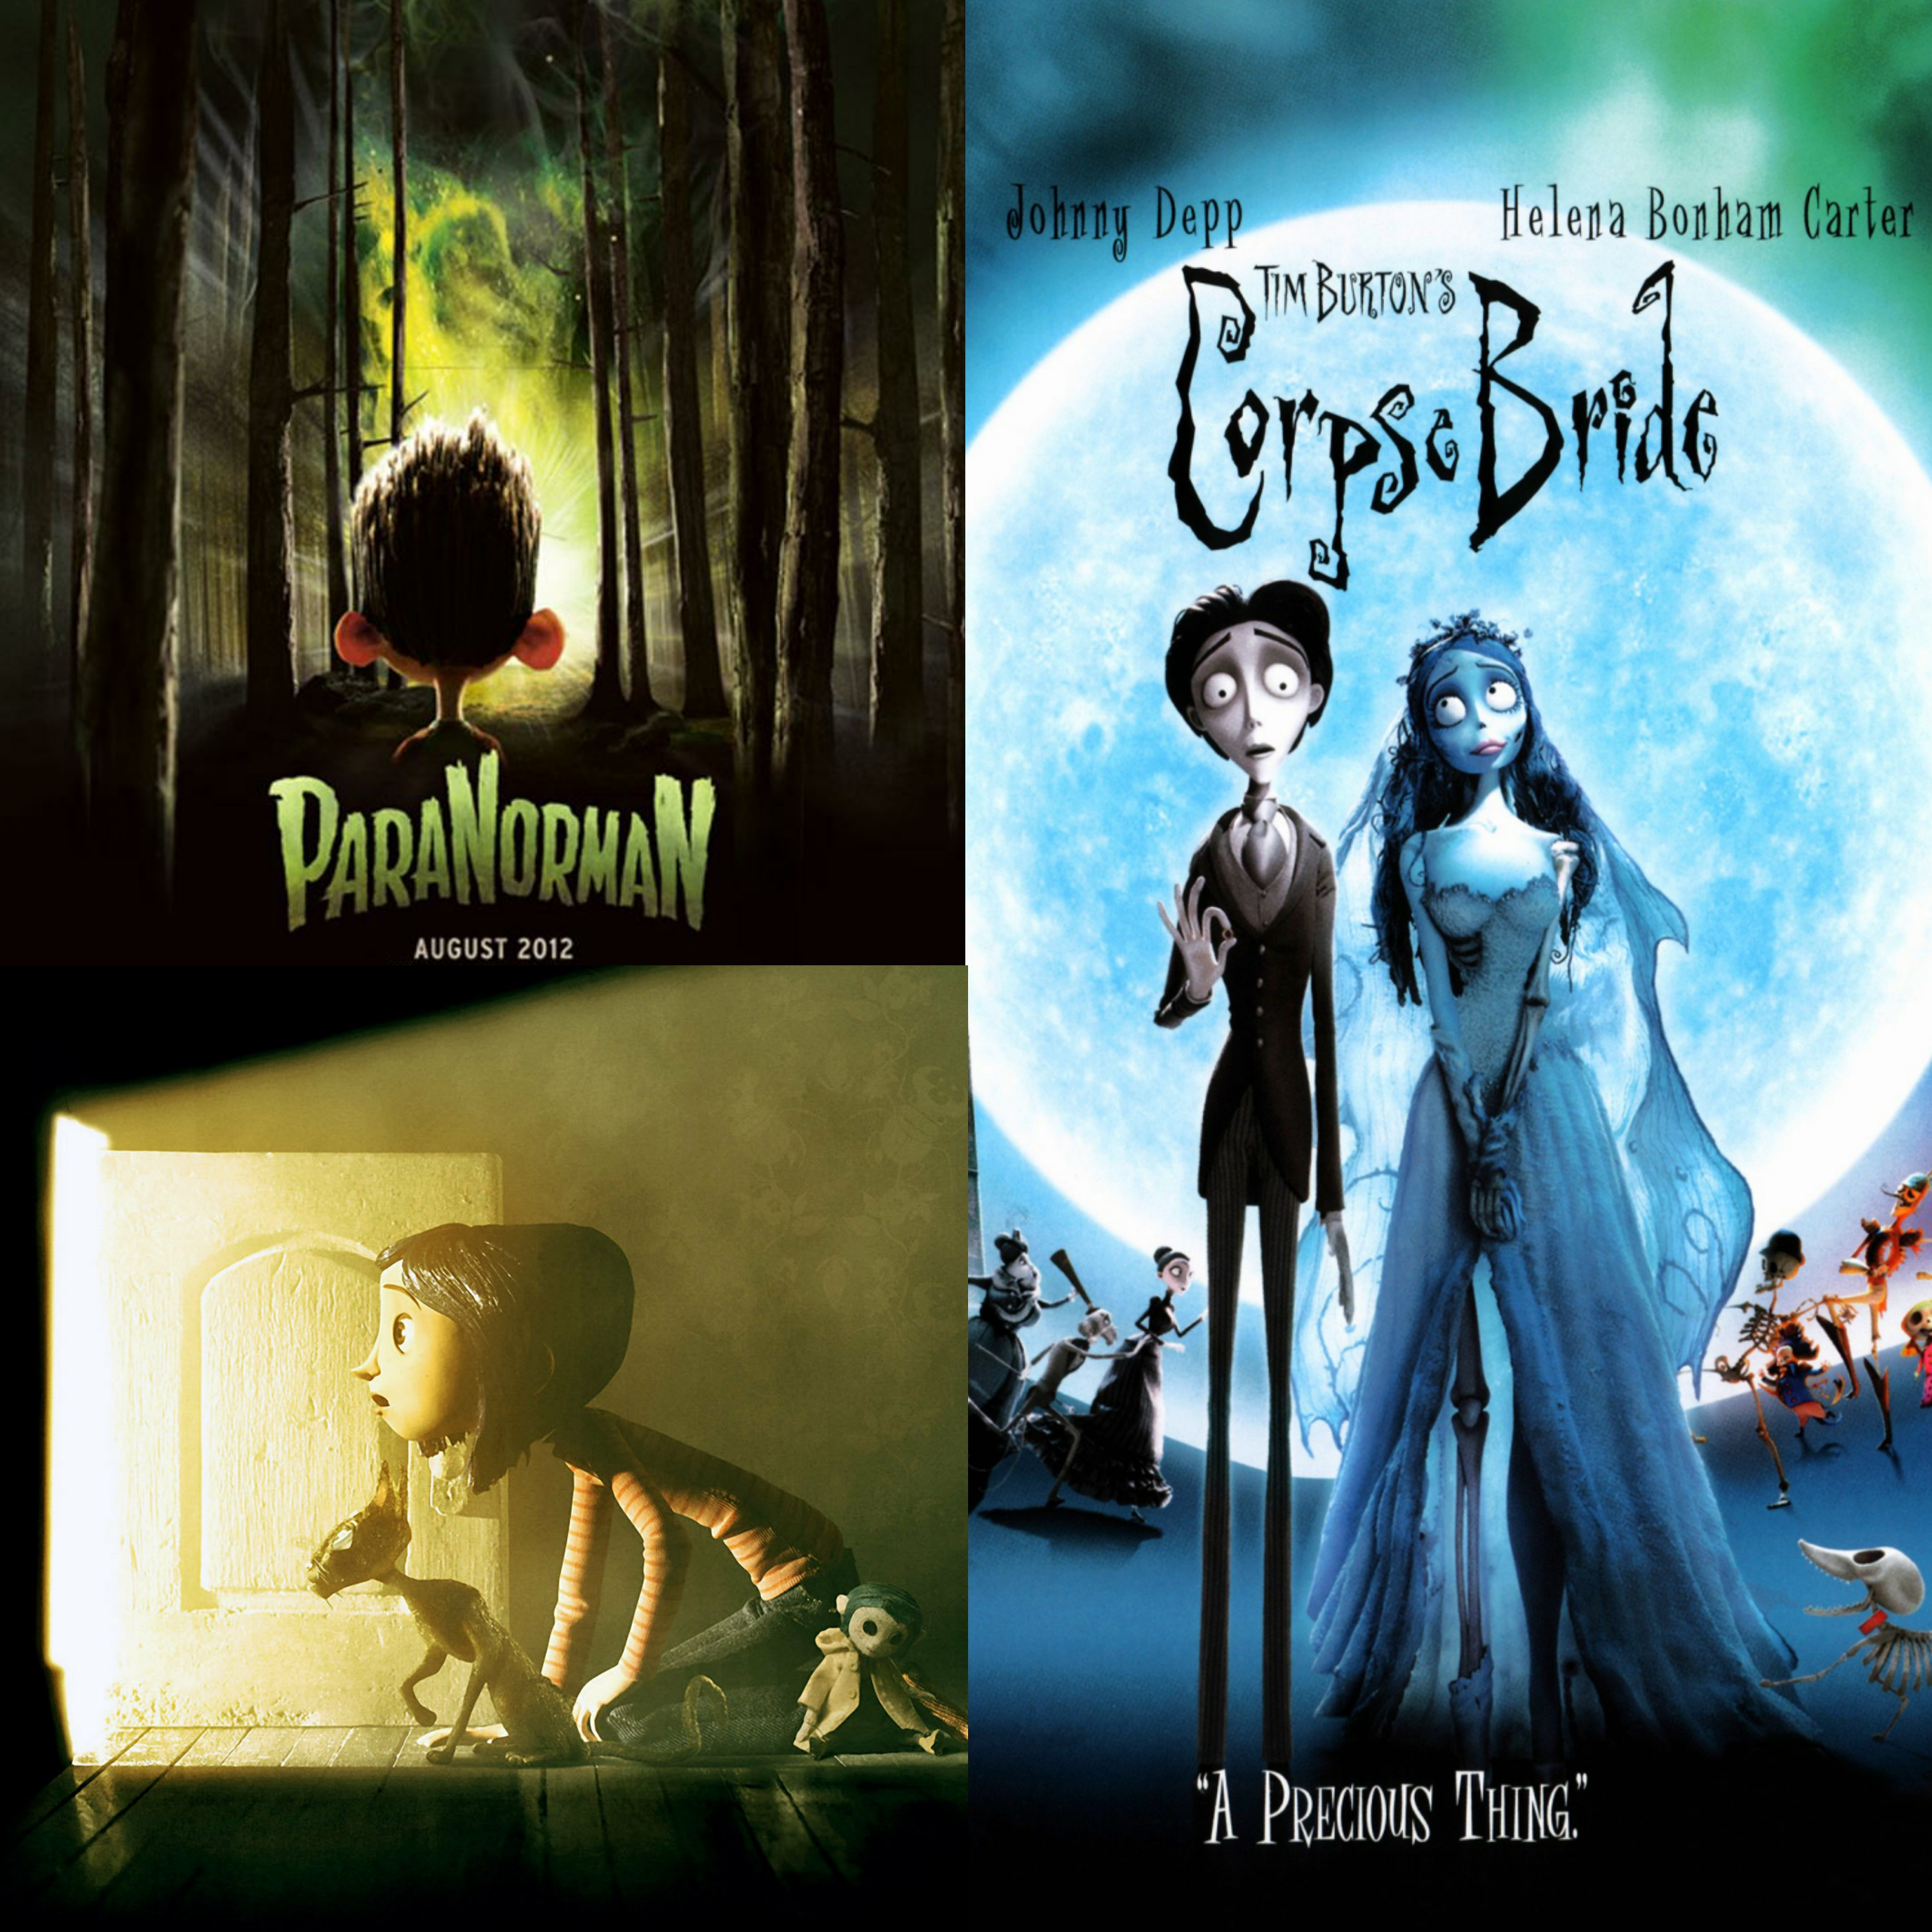 The Non Disney Tag Through Two Blue Eyes